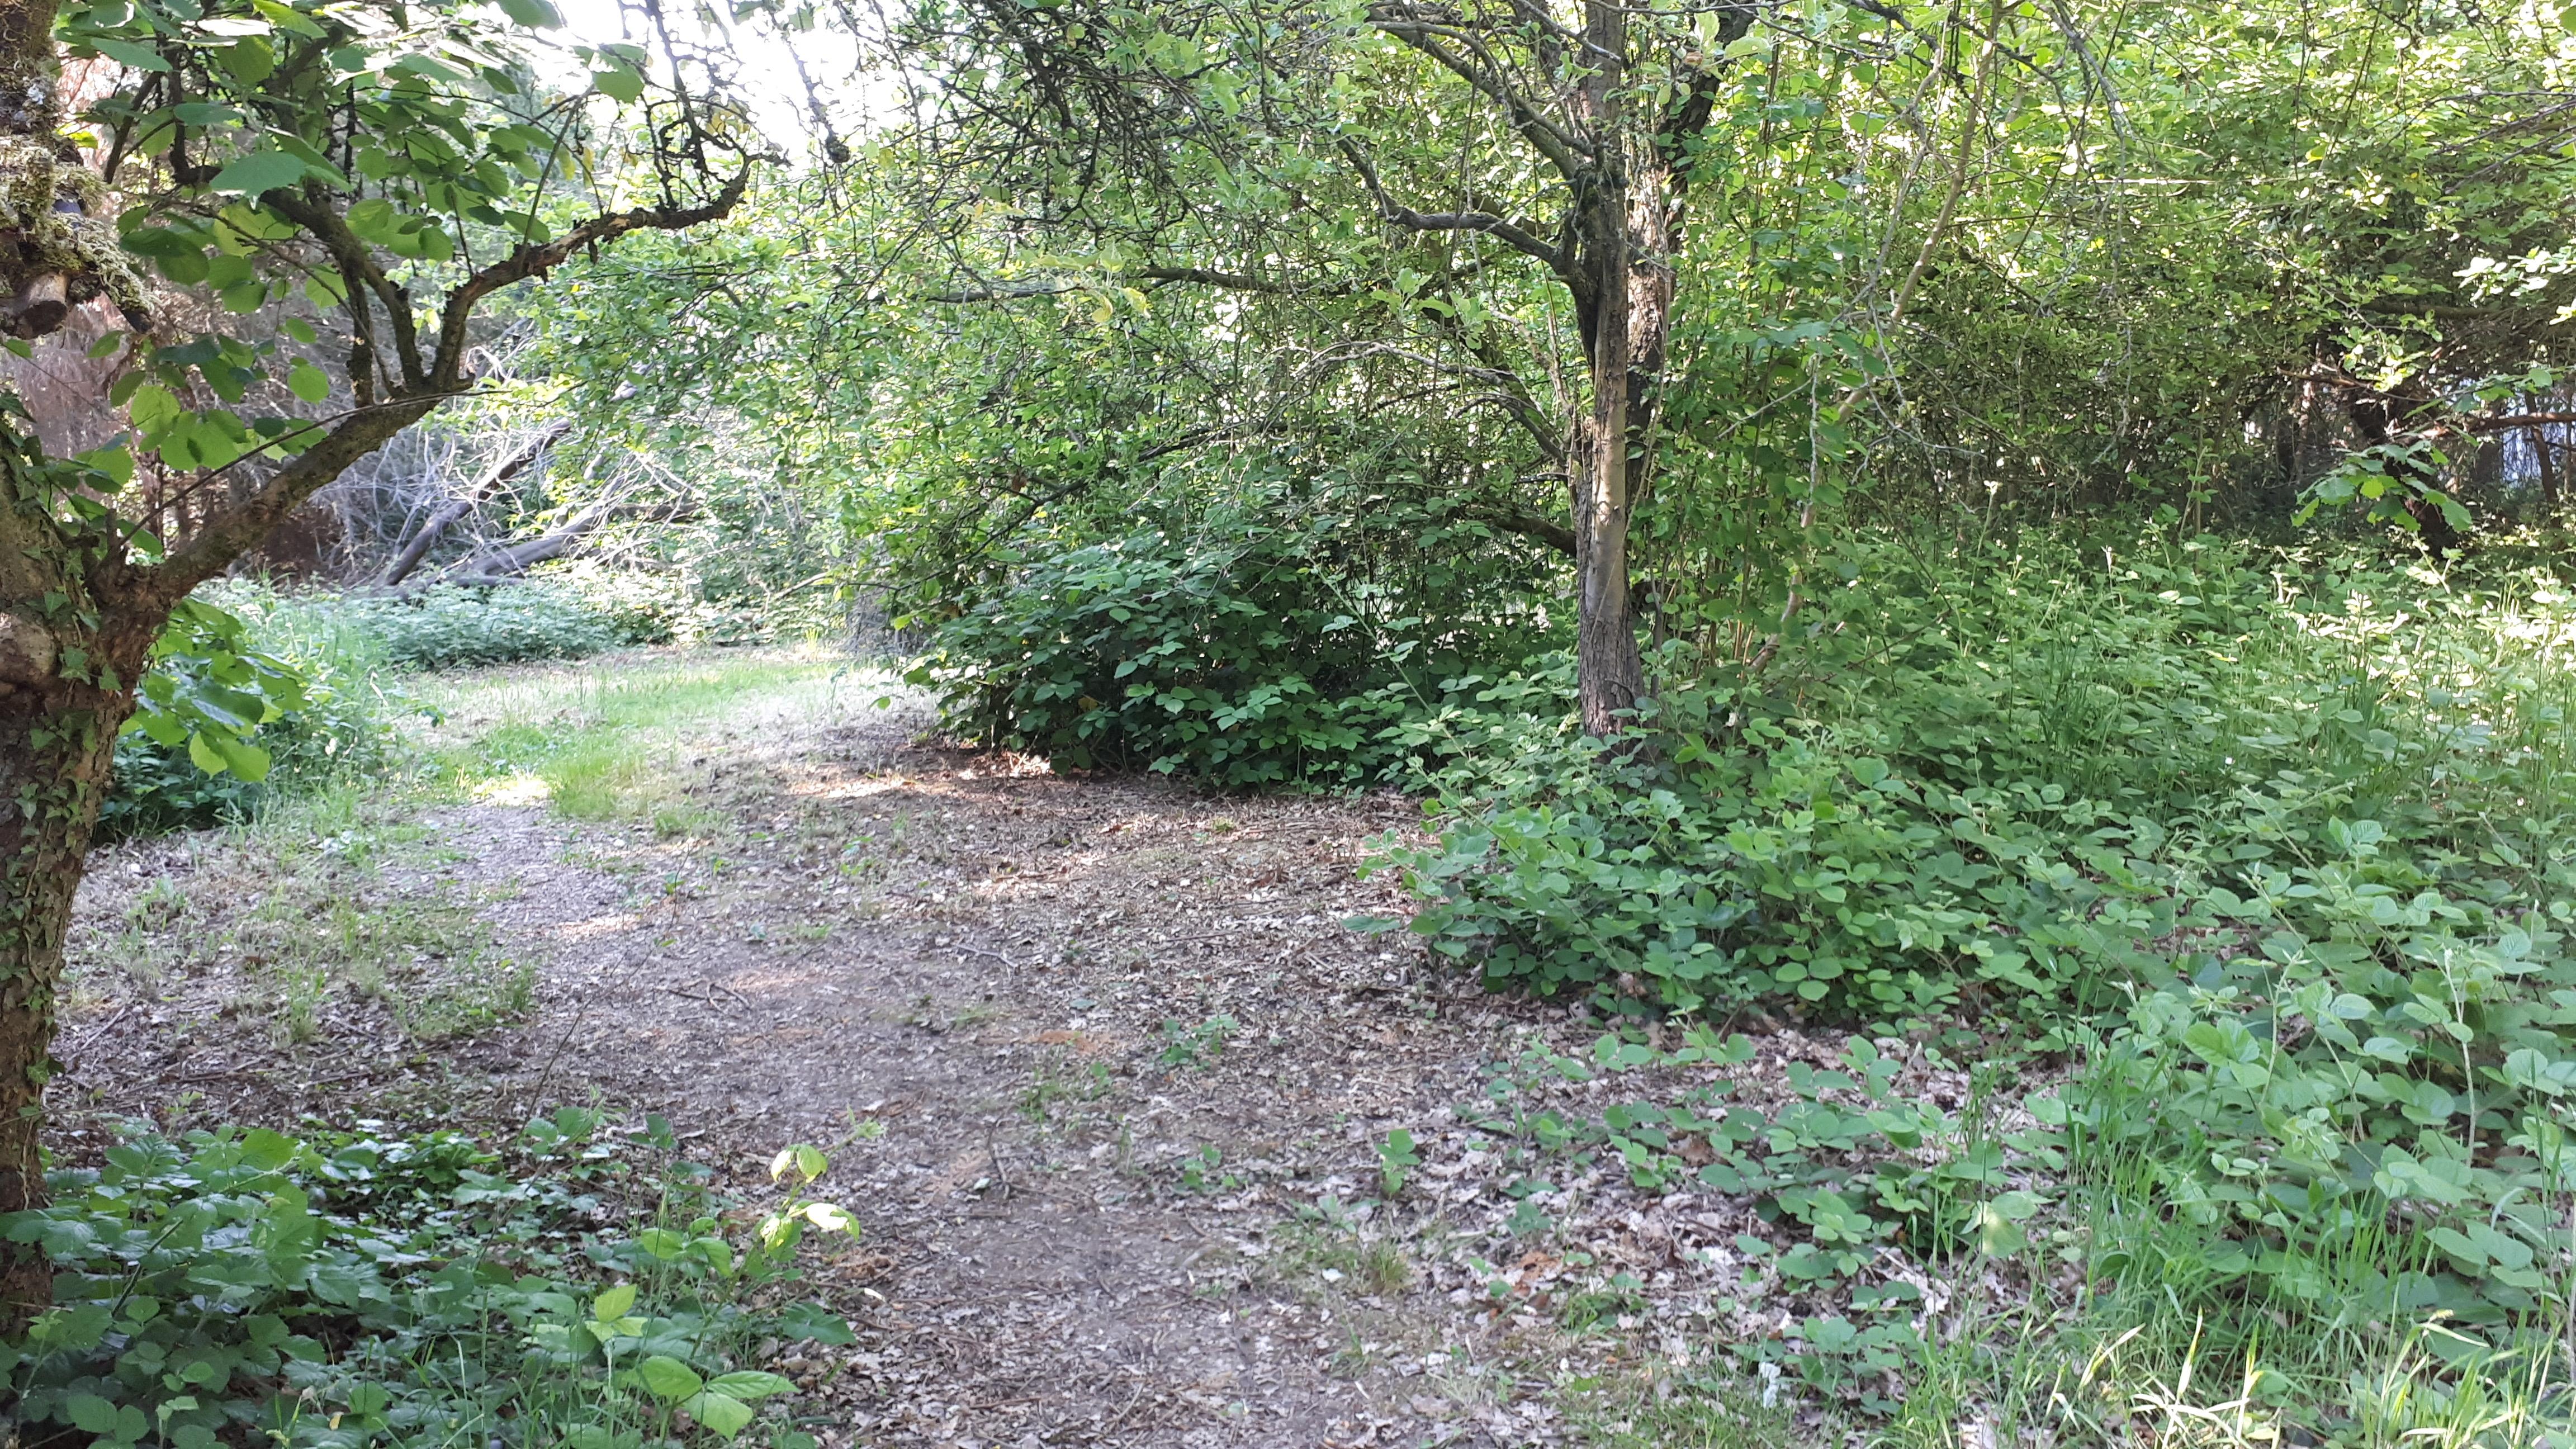 De oude boomgaard met veel wildgroei en mooie natuurlijke plekjes